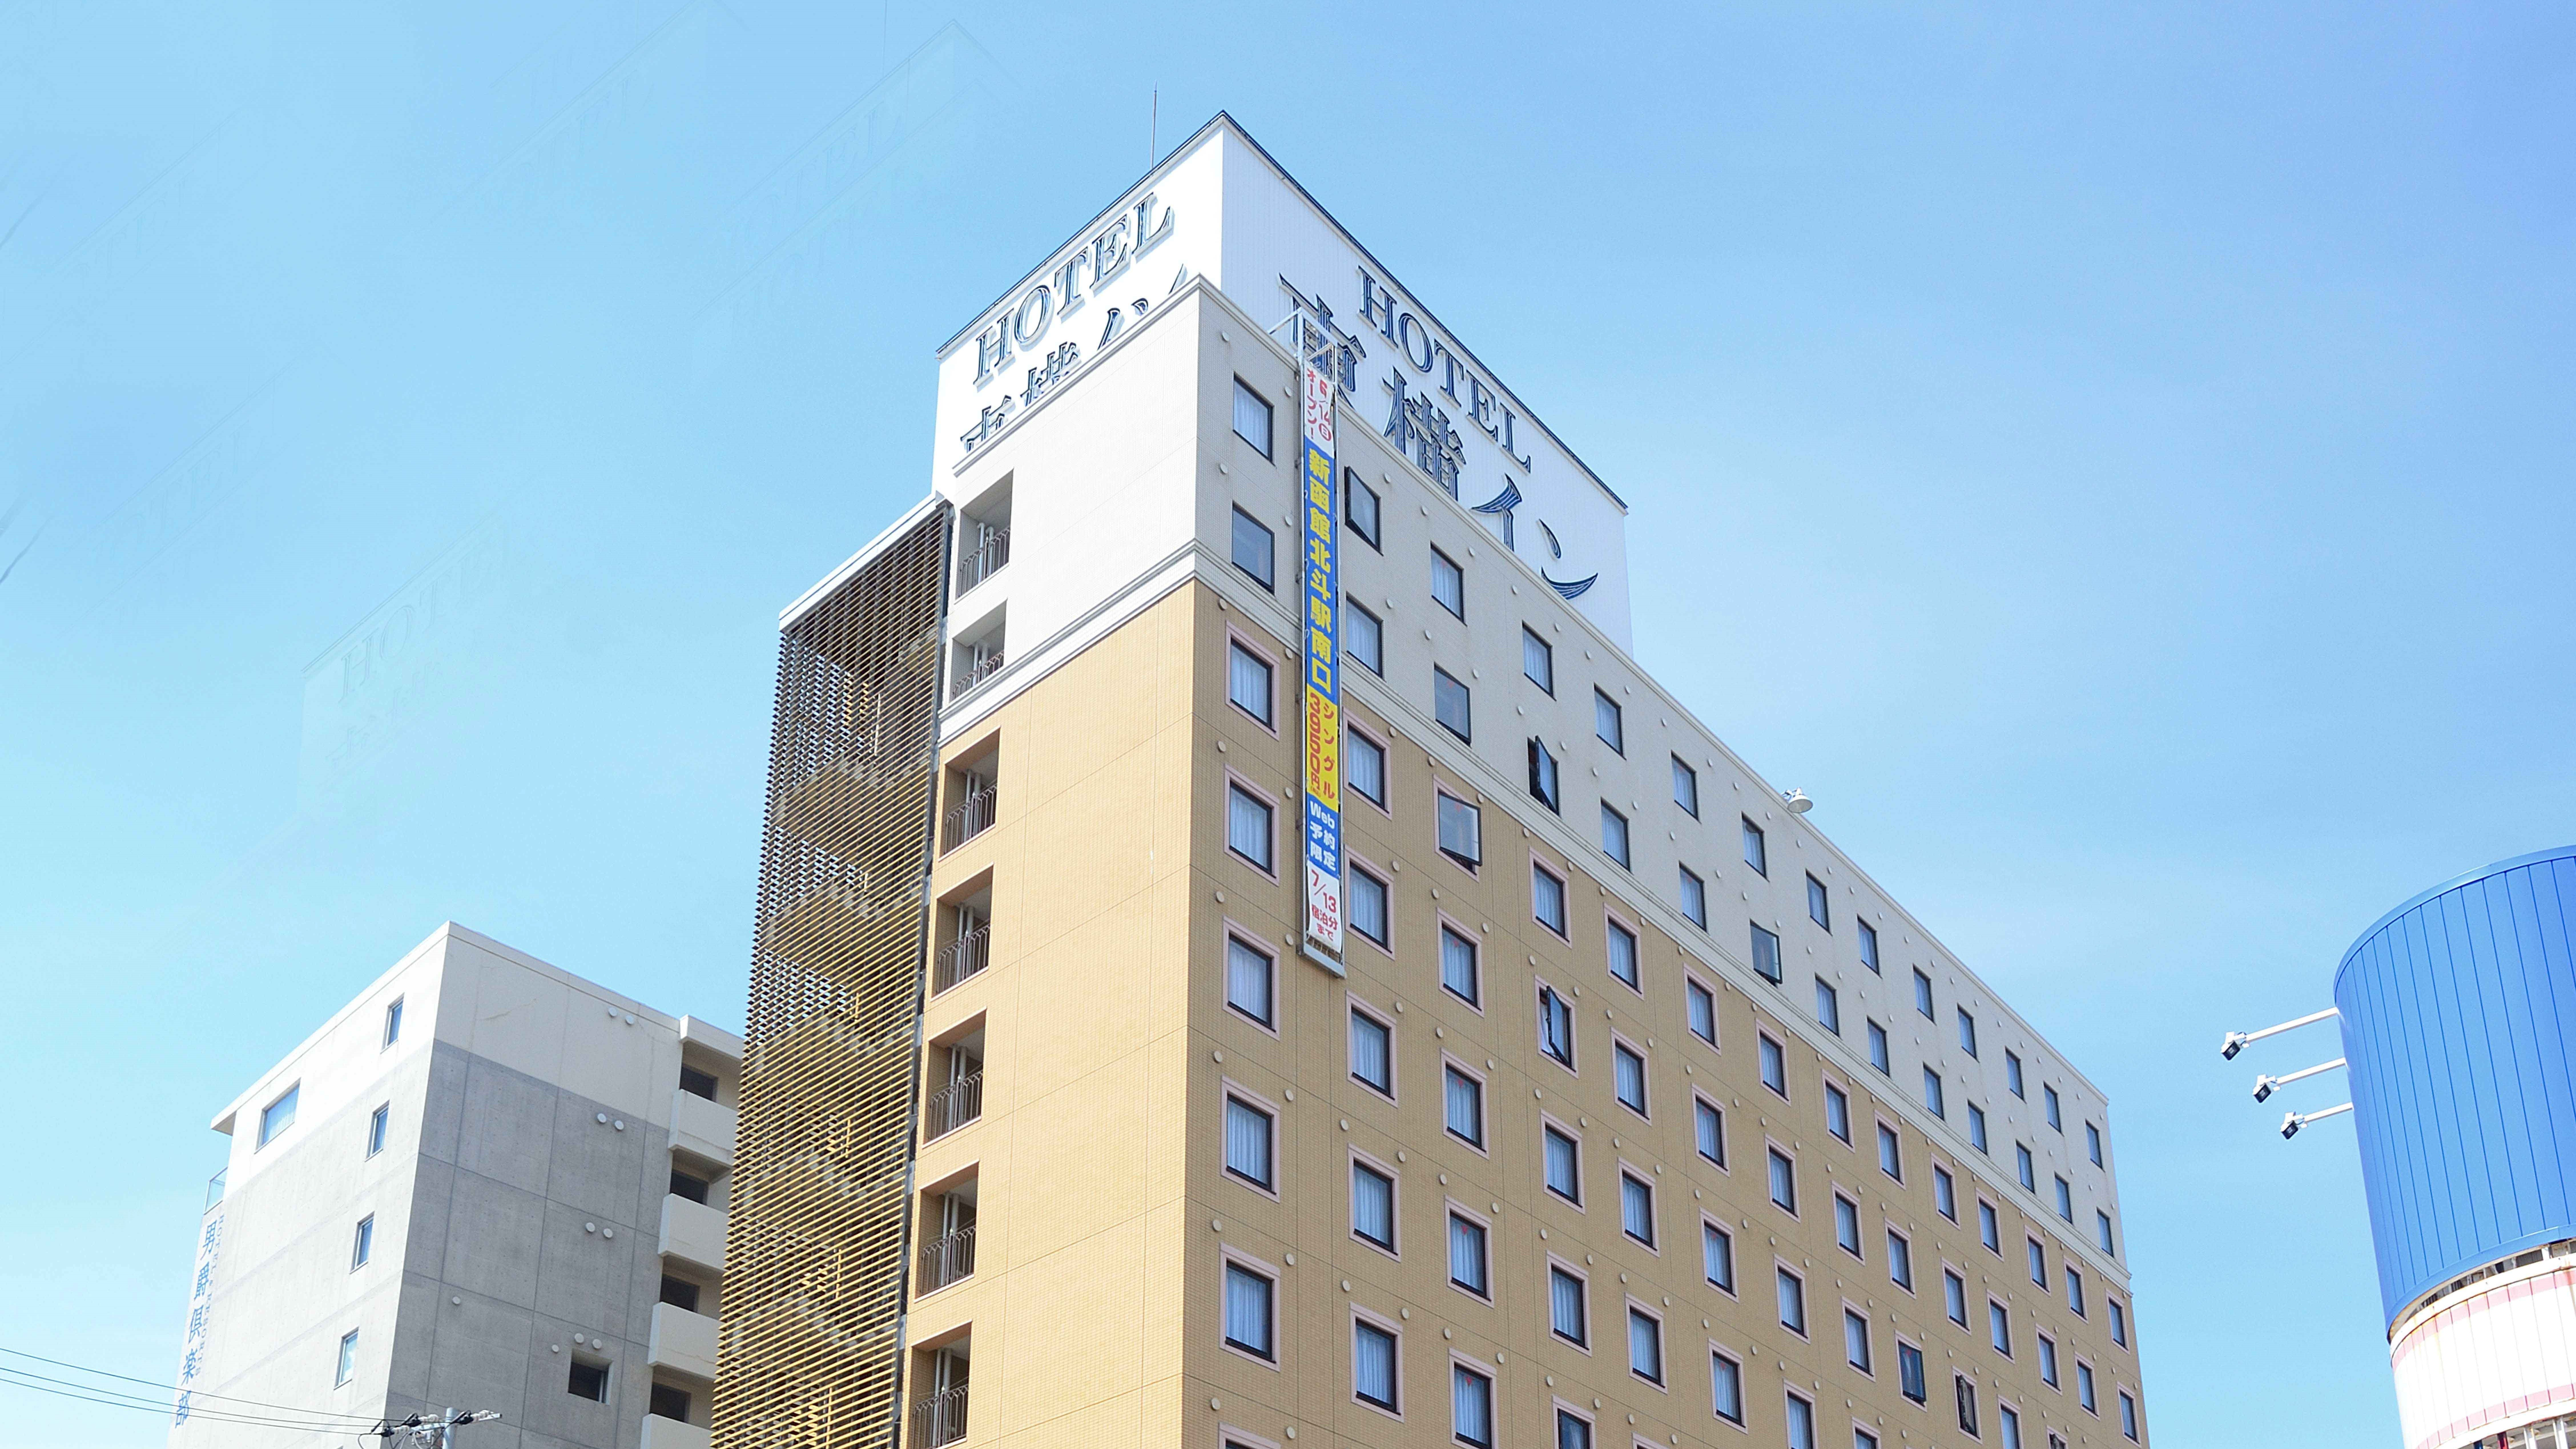 初めての北海道観光に便利なホテル